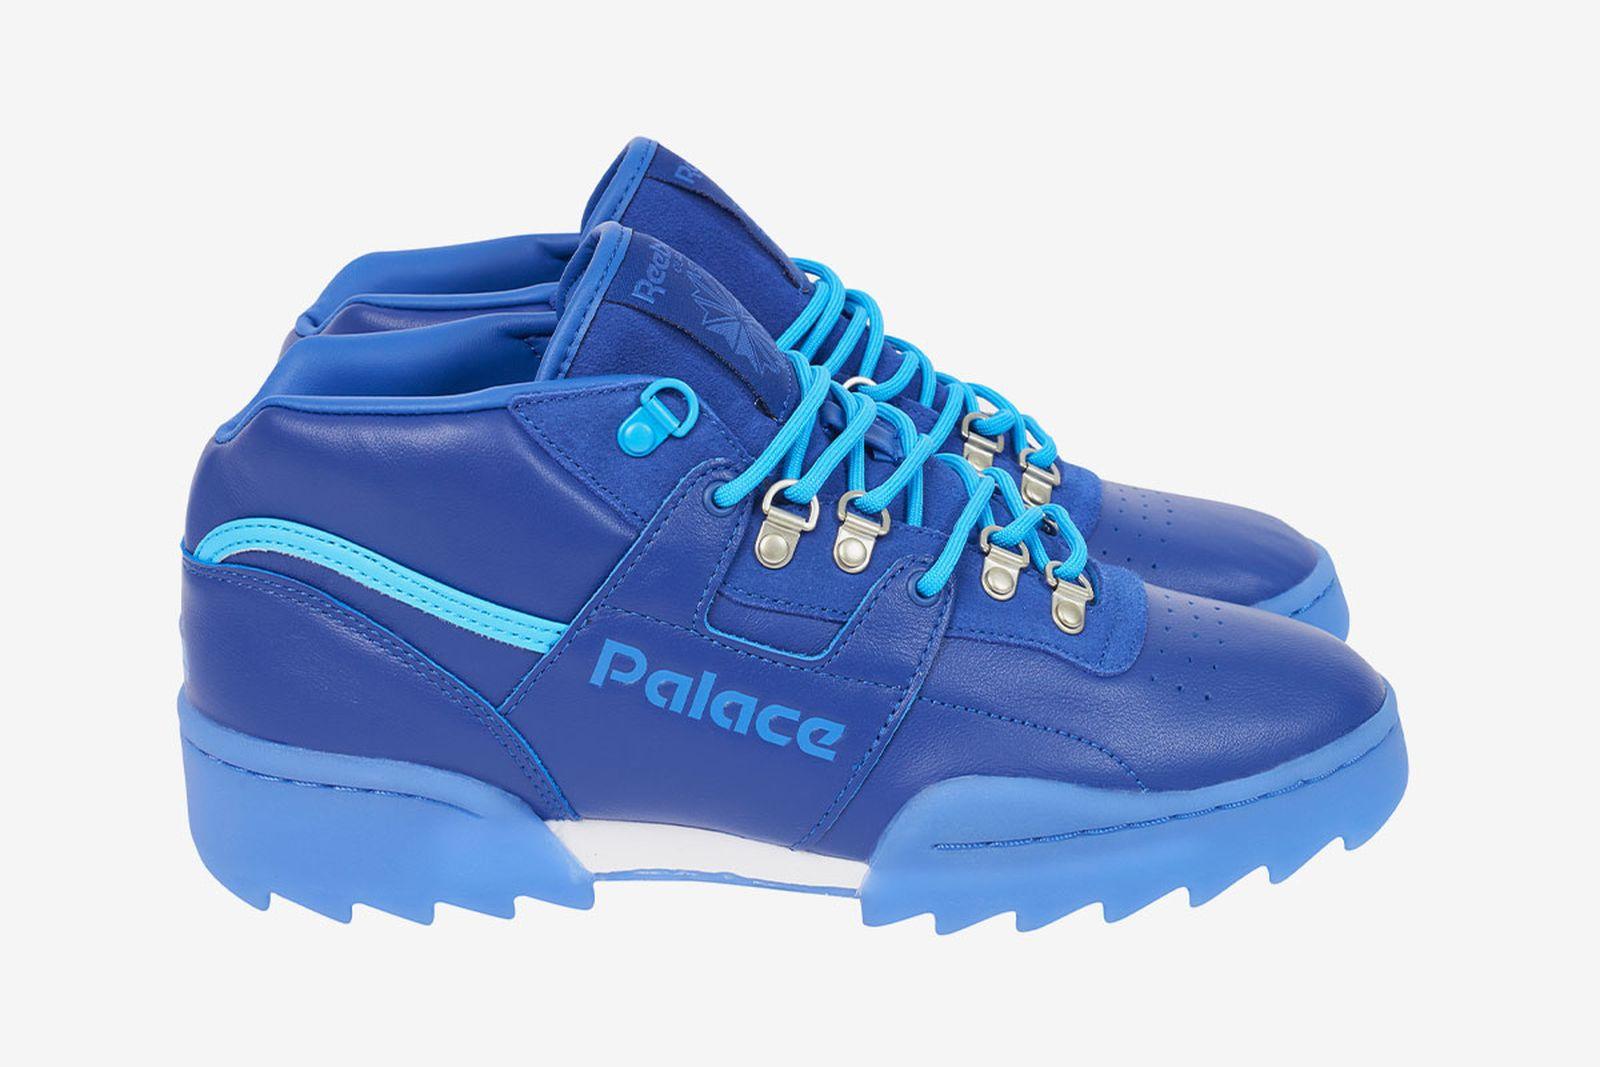 Palace x Reebok OG Workout Ripple blue